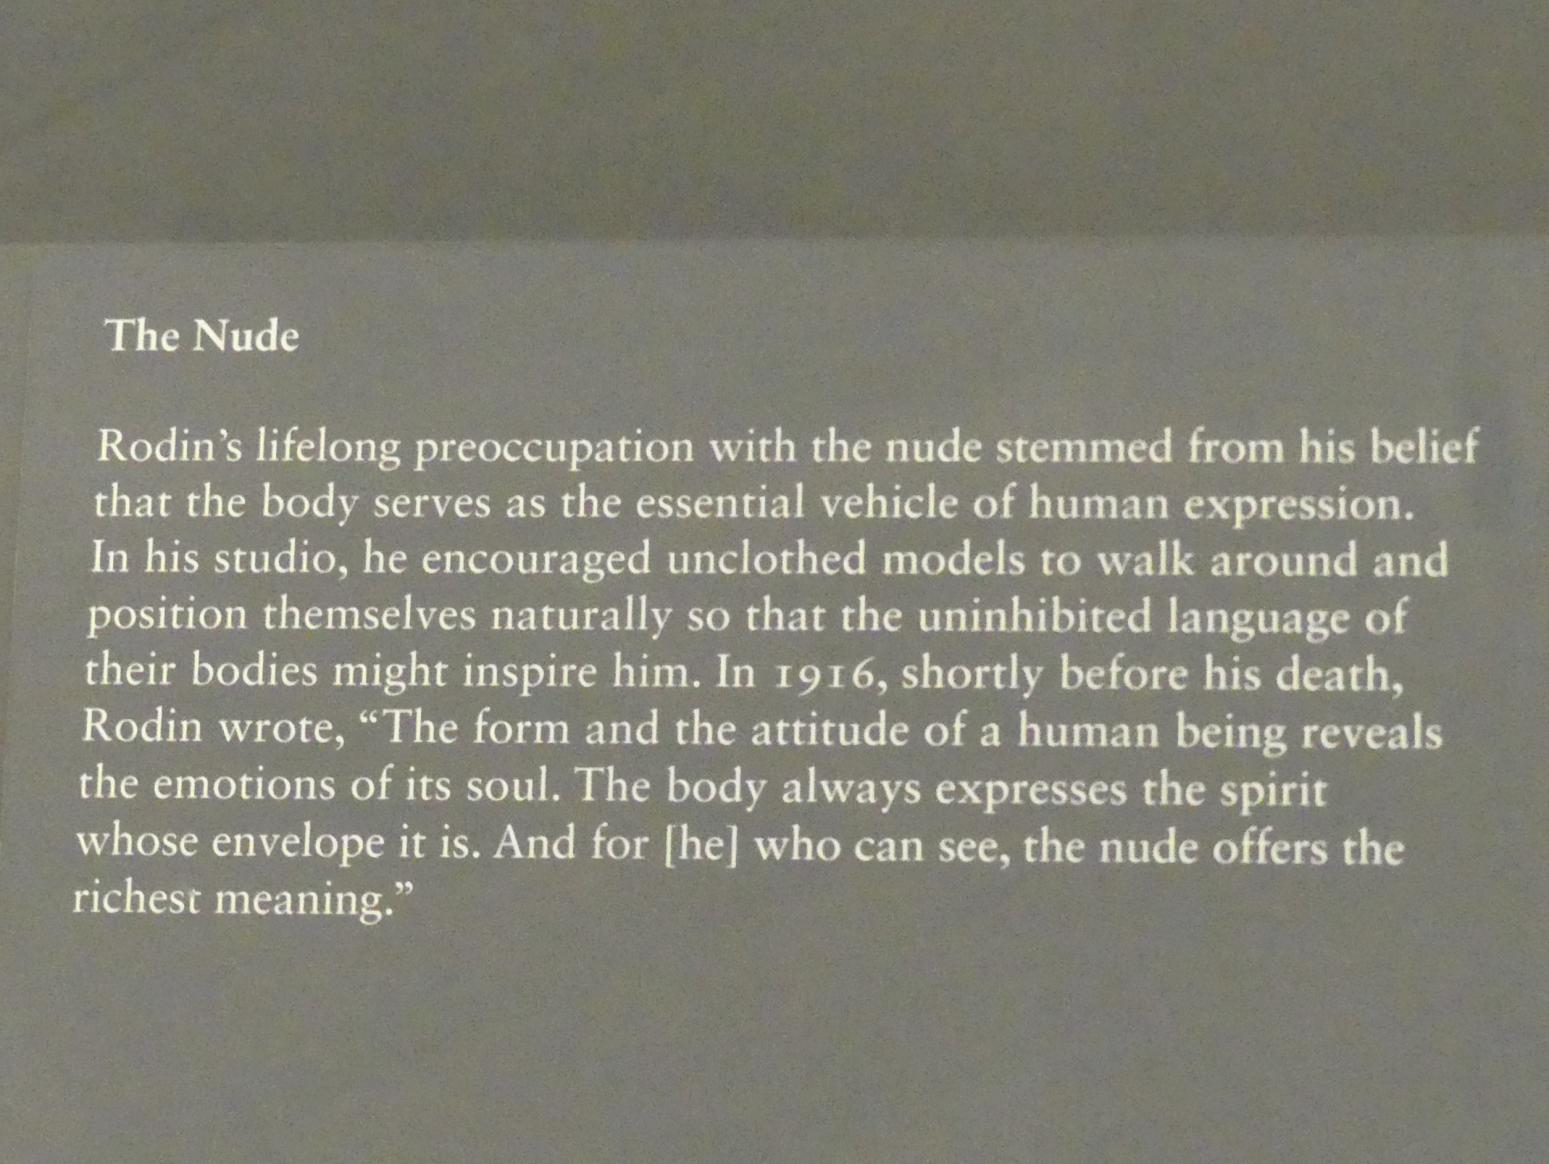 New York, Metropolitan Museum of Art (Met), Saal 800, Bild 5/8